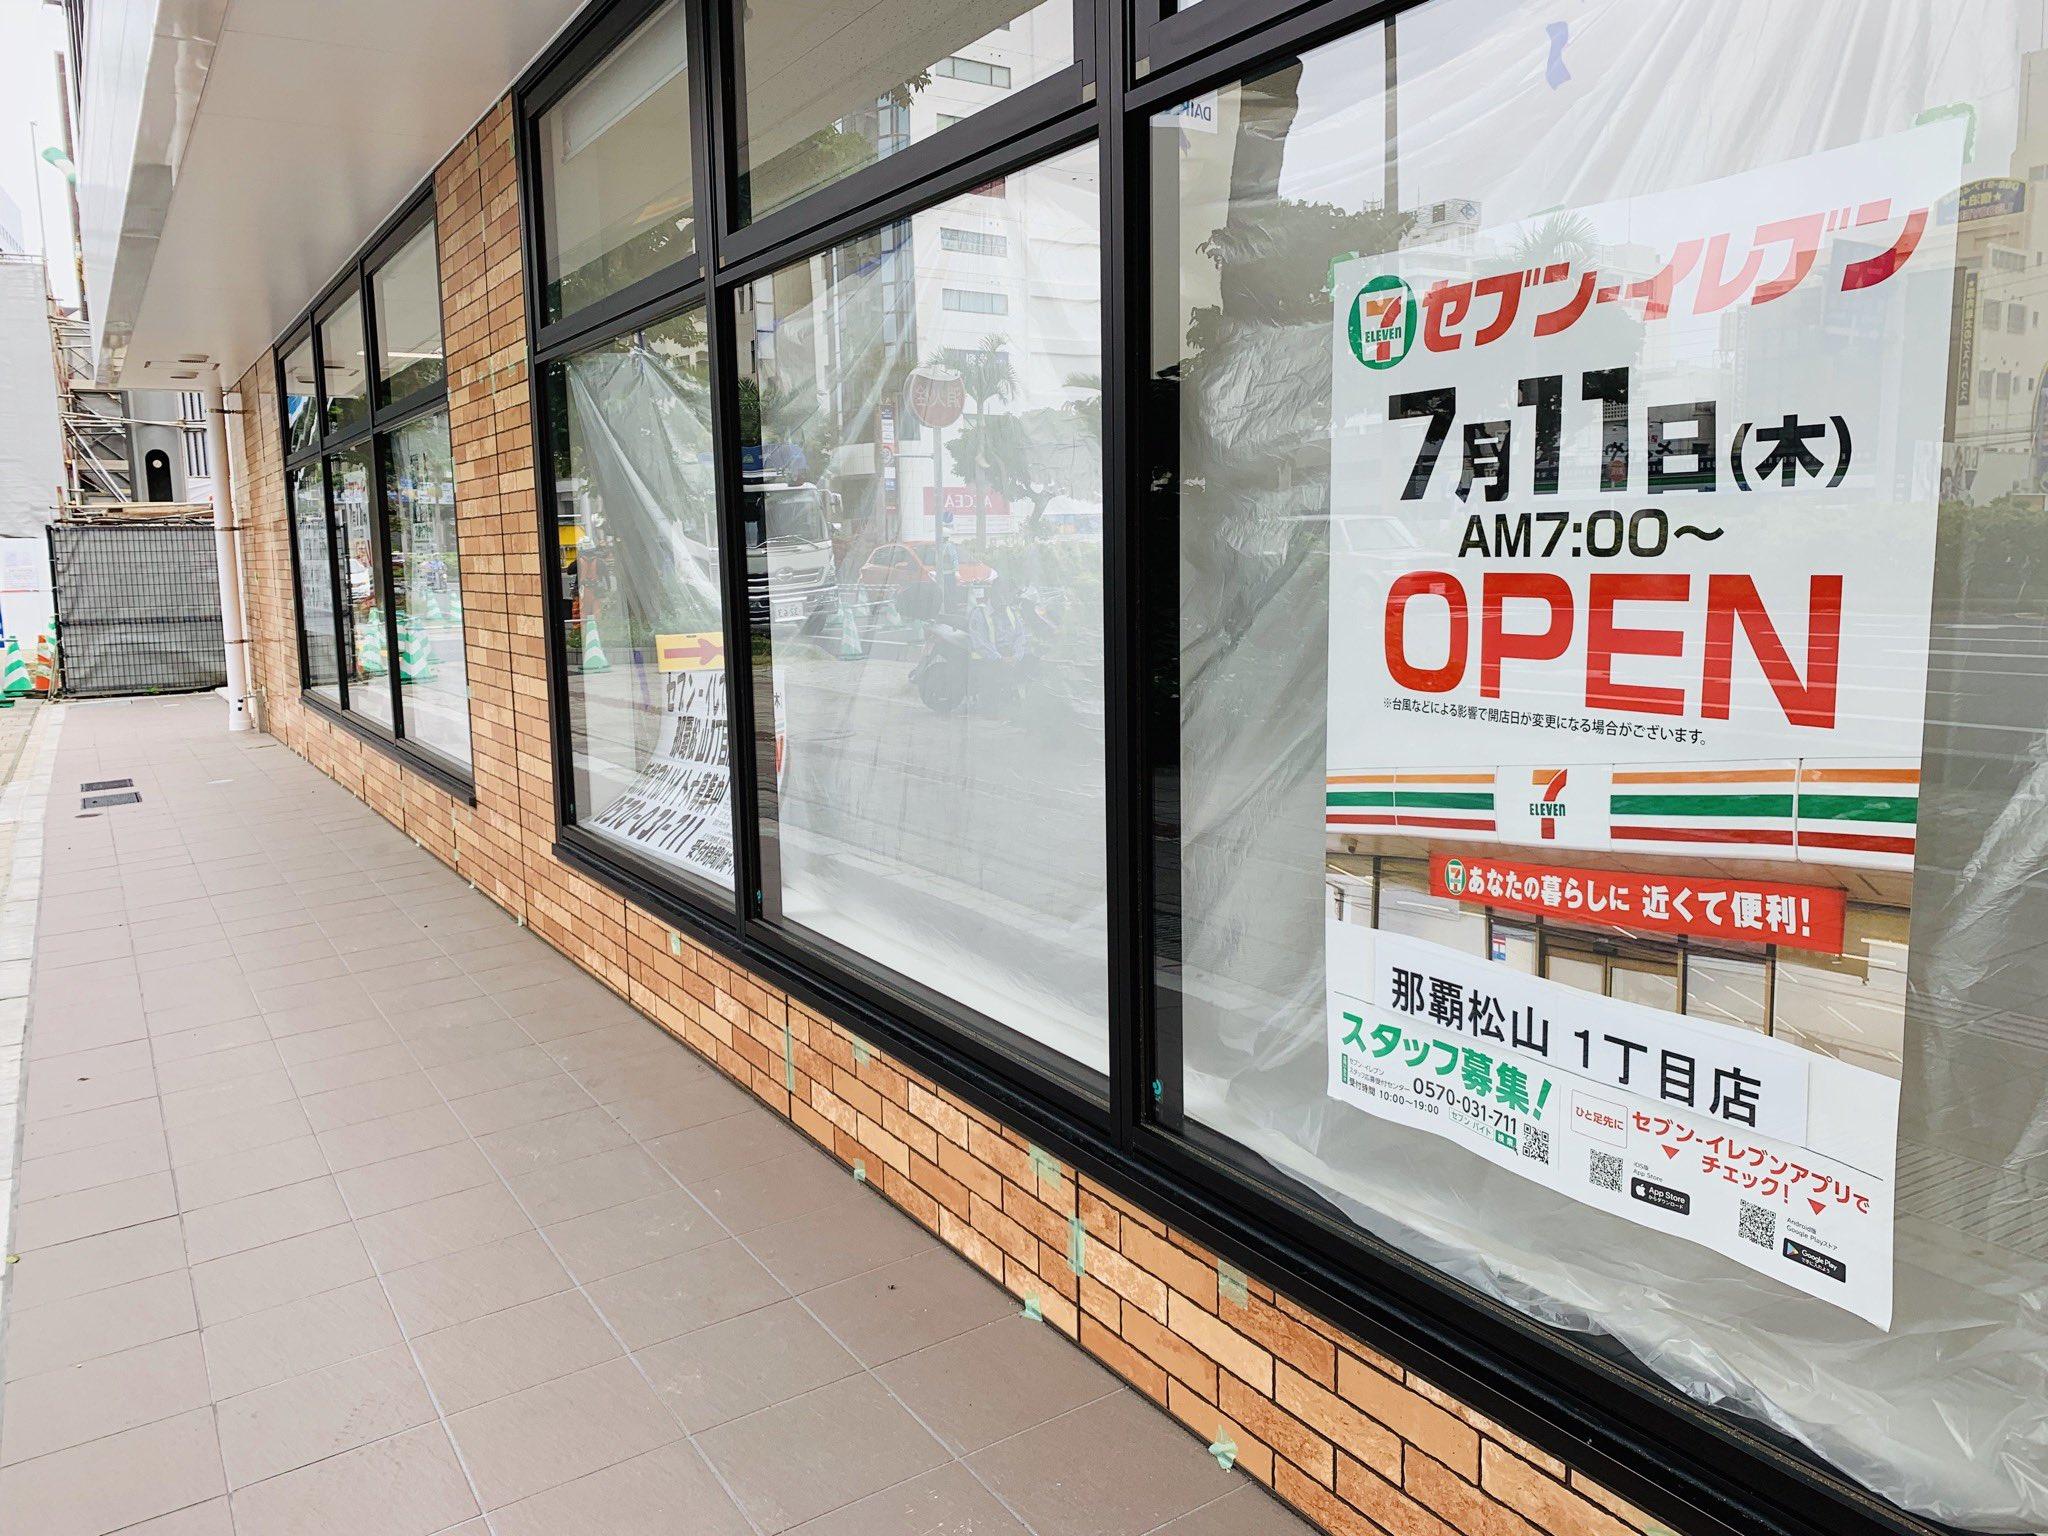 沖縄についにセブンイレブンがオープンして、最寄りのセブンが台北じゃなくなる